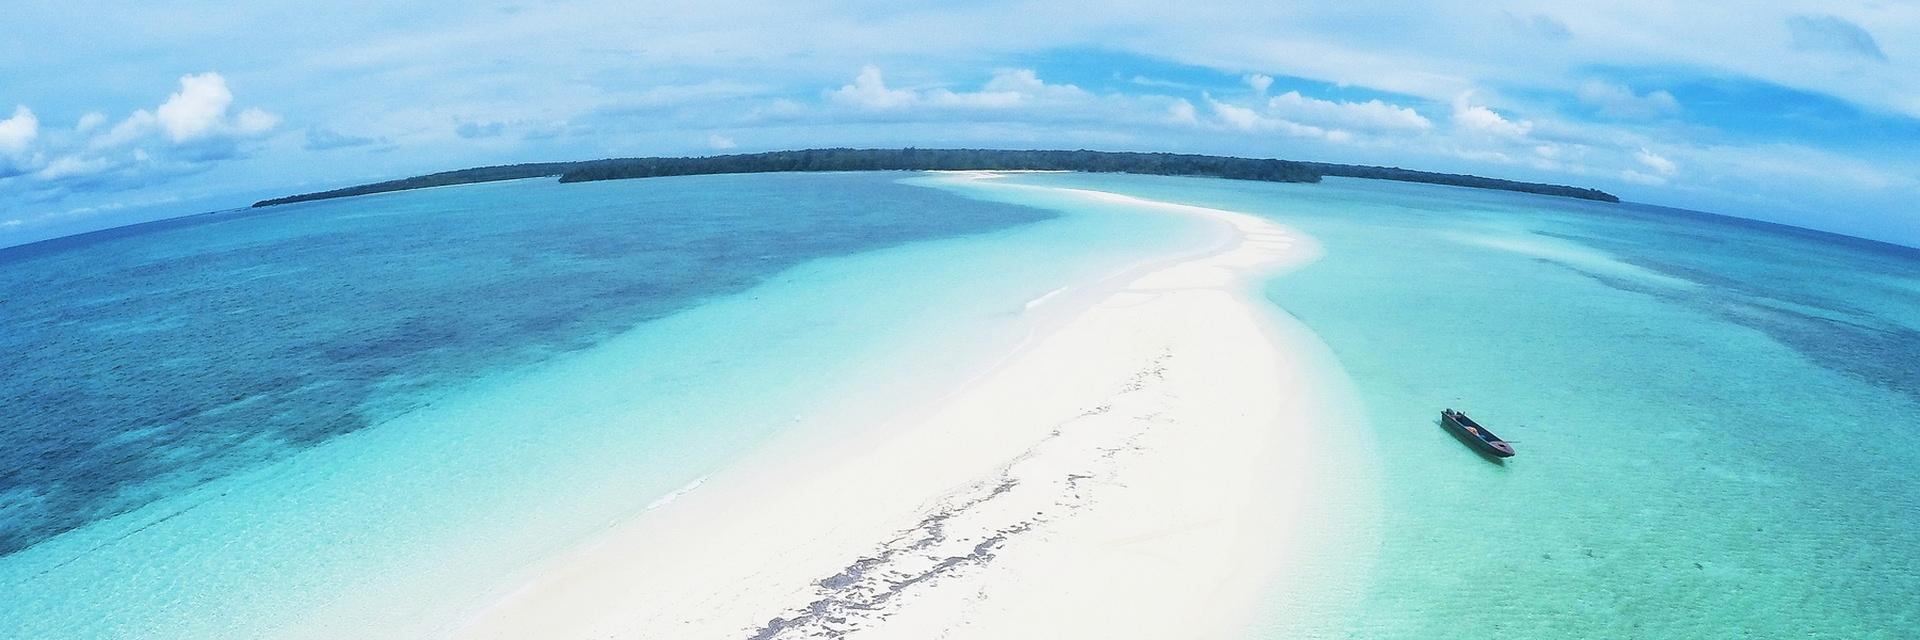 Pantai Ngurtafur Maluku, Rasakan Berlibur di Australian Beach Pantai Ngurtafur Maluku Rasakan Berlibur di Australian Beach - Dolan Dolen